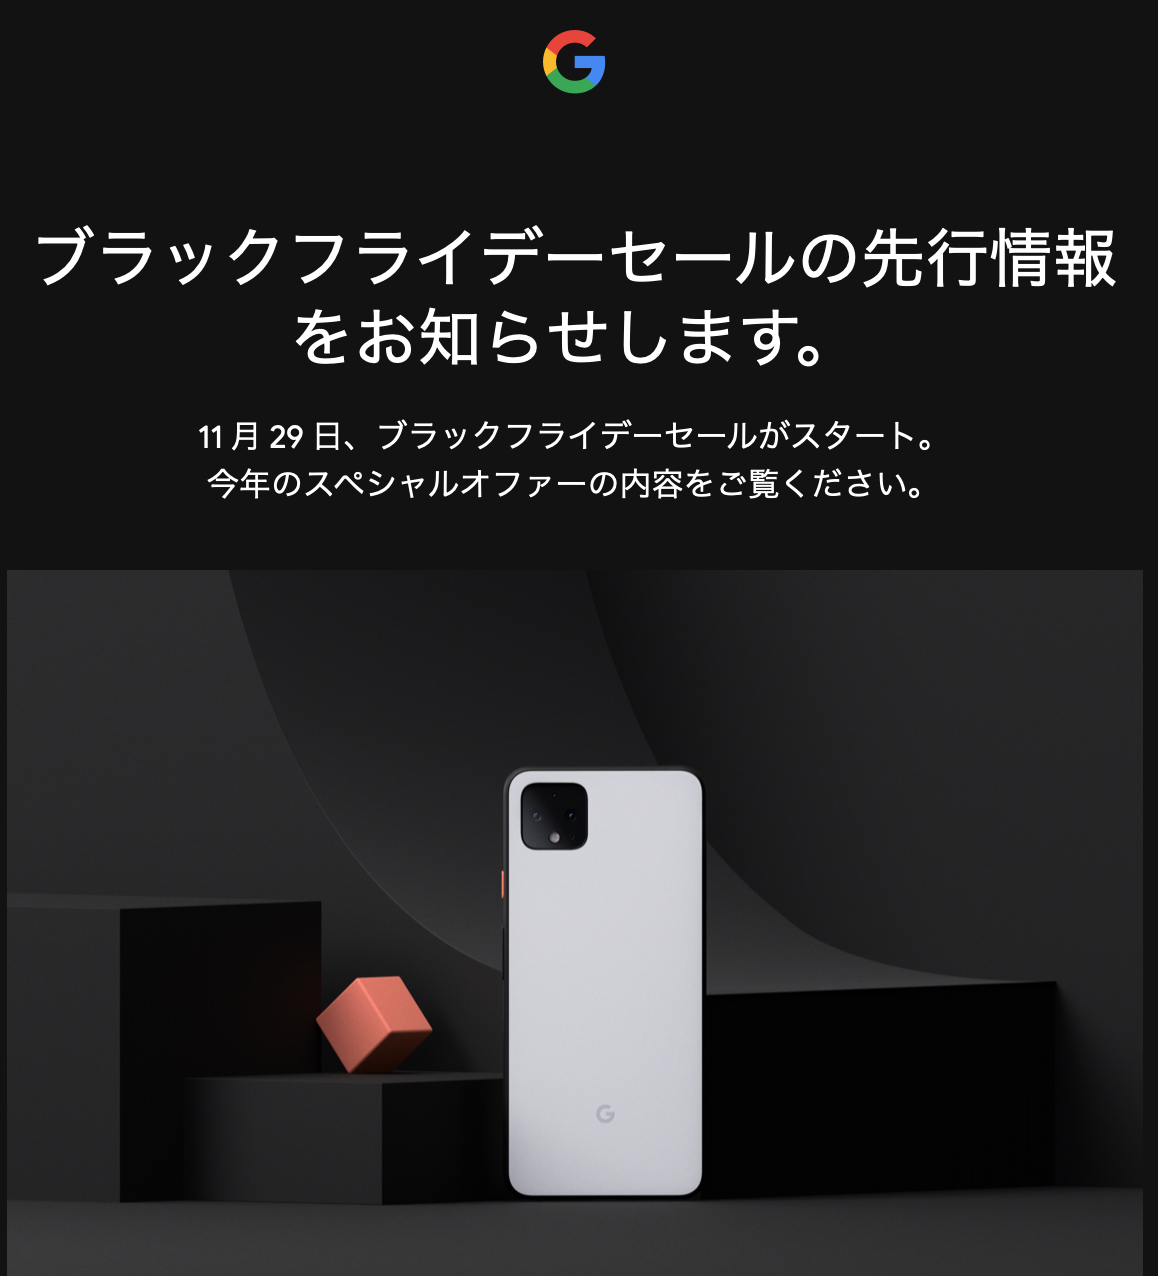 Google ストア「ブラックフライデーセール」16,000円分の特典、Google Home Miniプレゼント